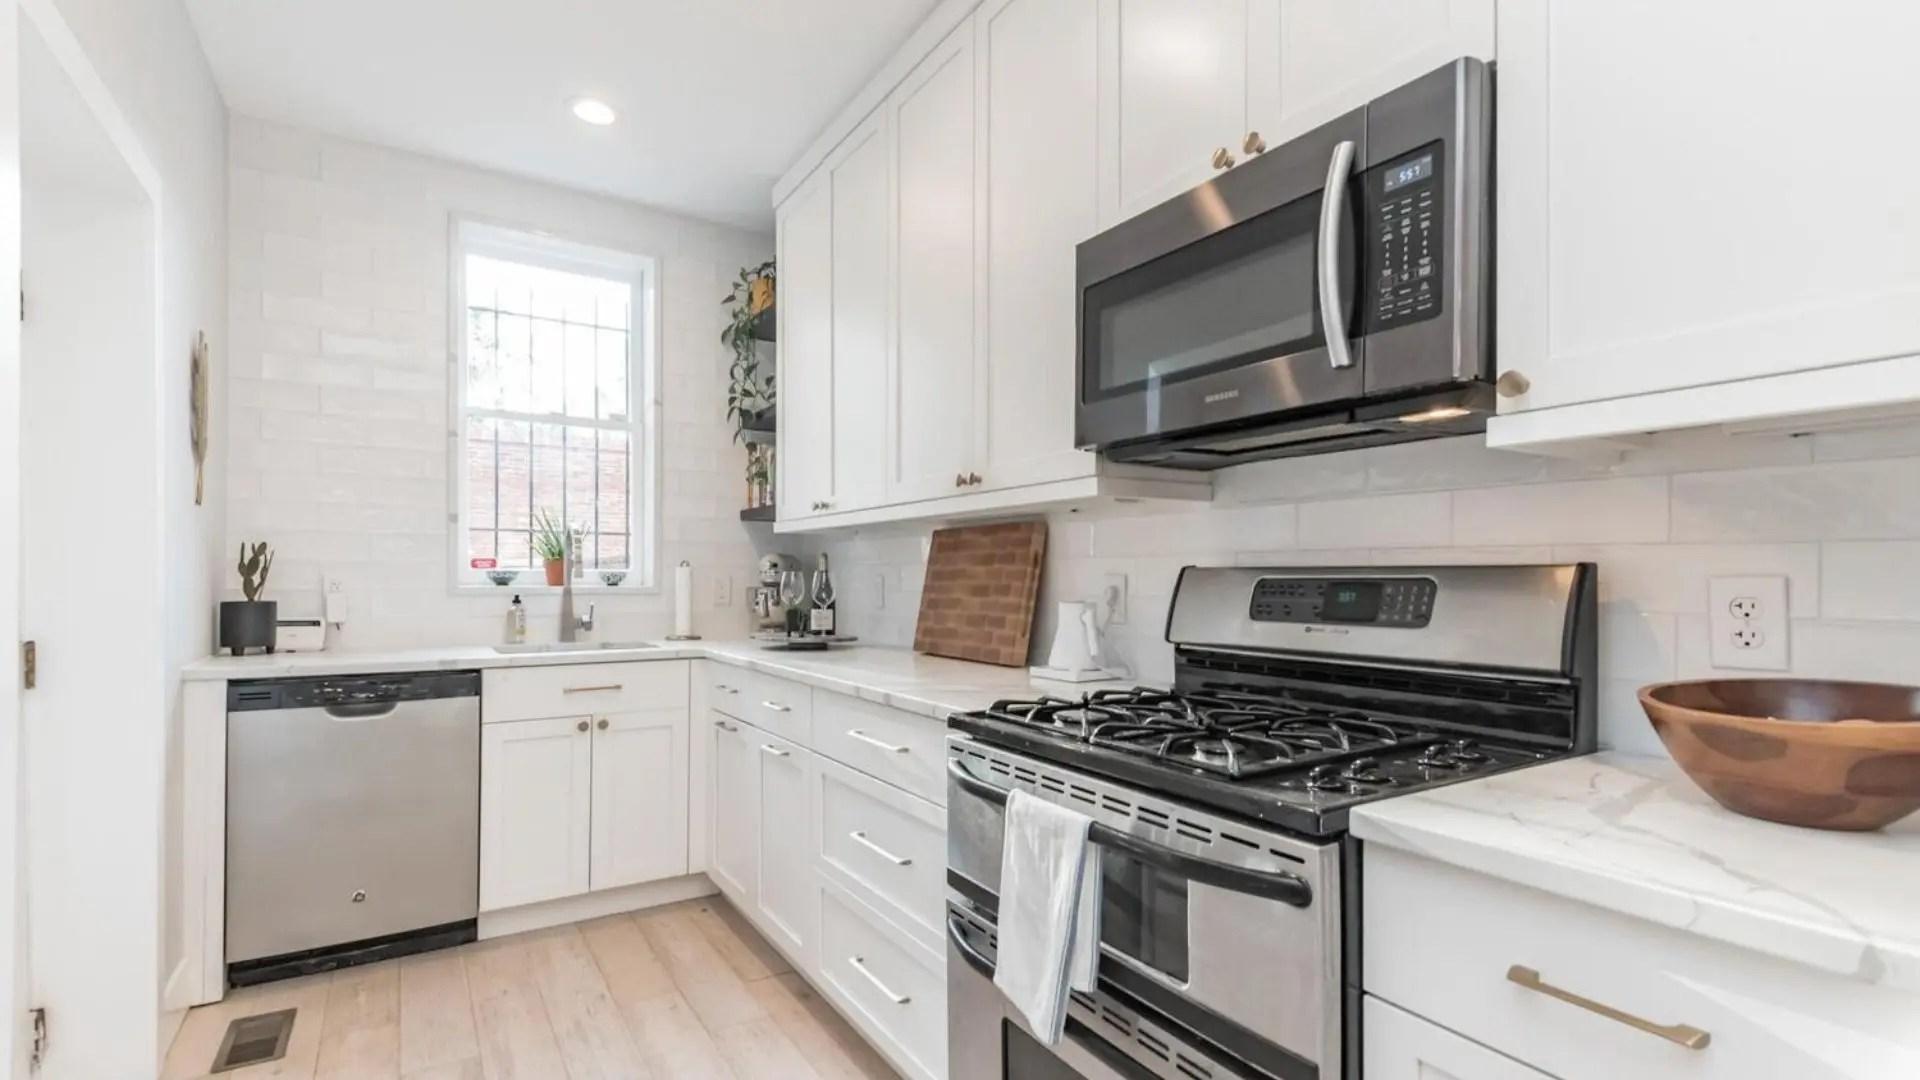 680-4th-kitchen